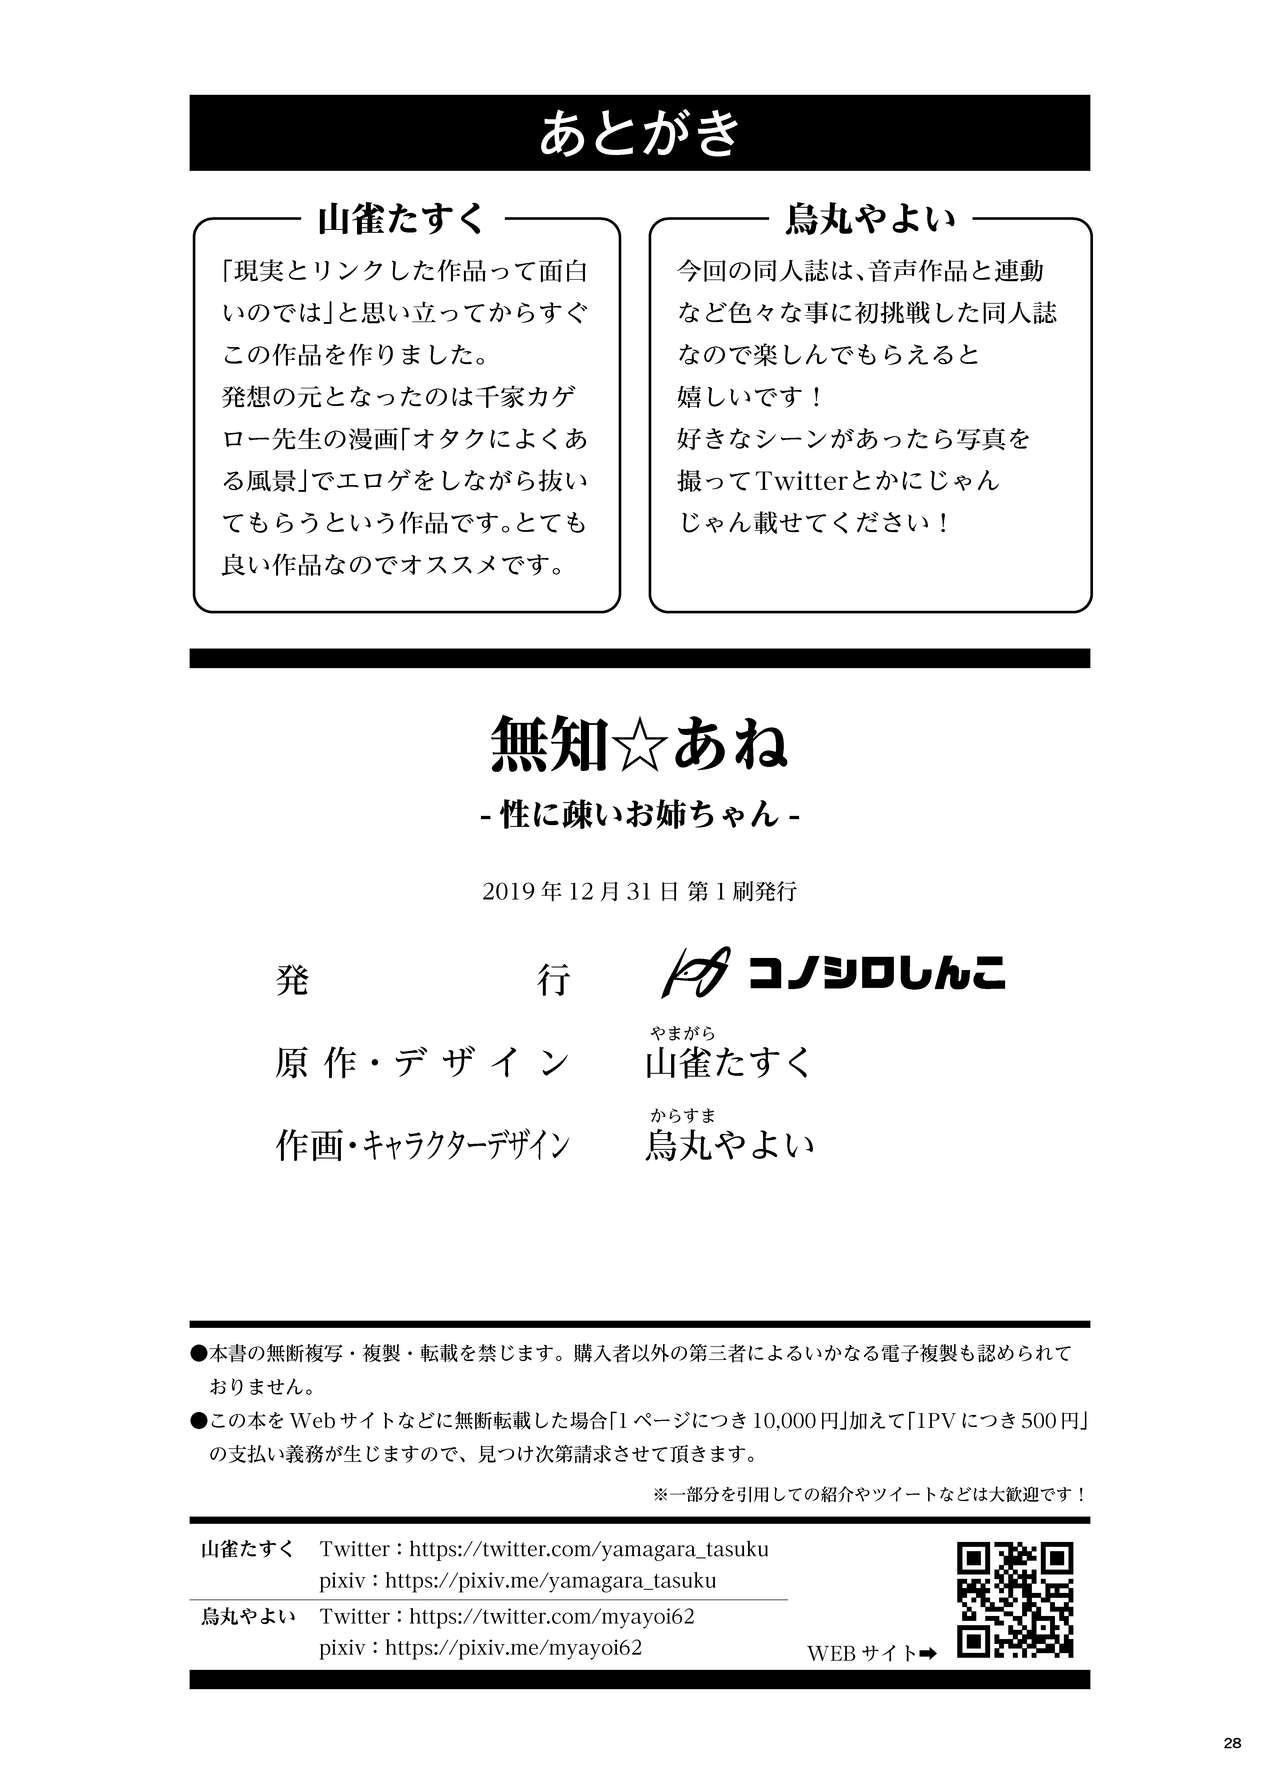 [Konoshiro Shinko (Yamagara Tasuku, Karasuma Yayoi)] Muchi Ane -Sei ni Utoi Onee-san- [Digital] 26